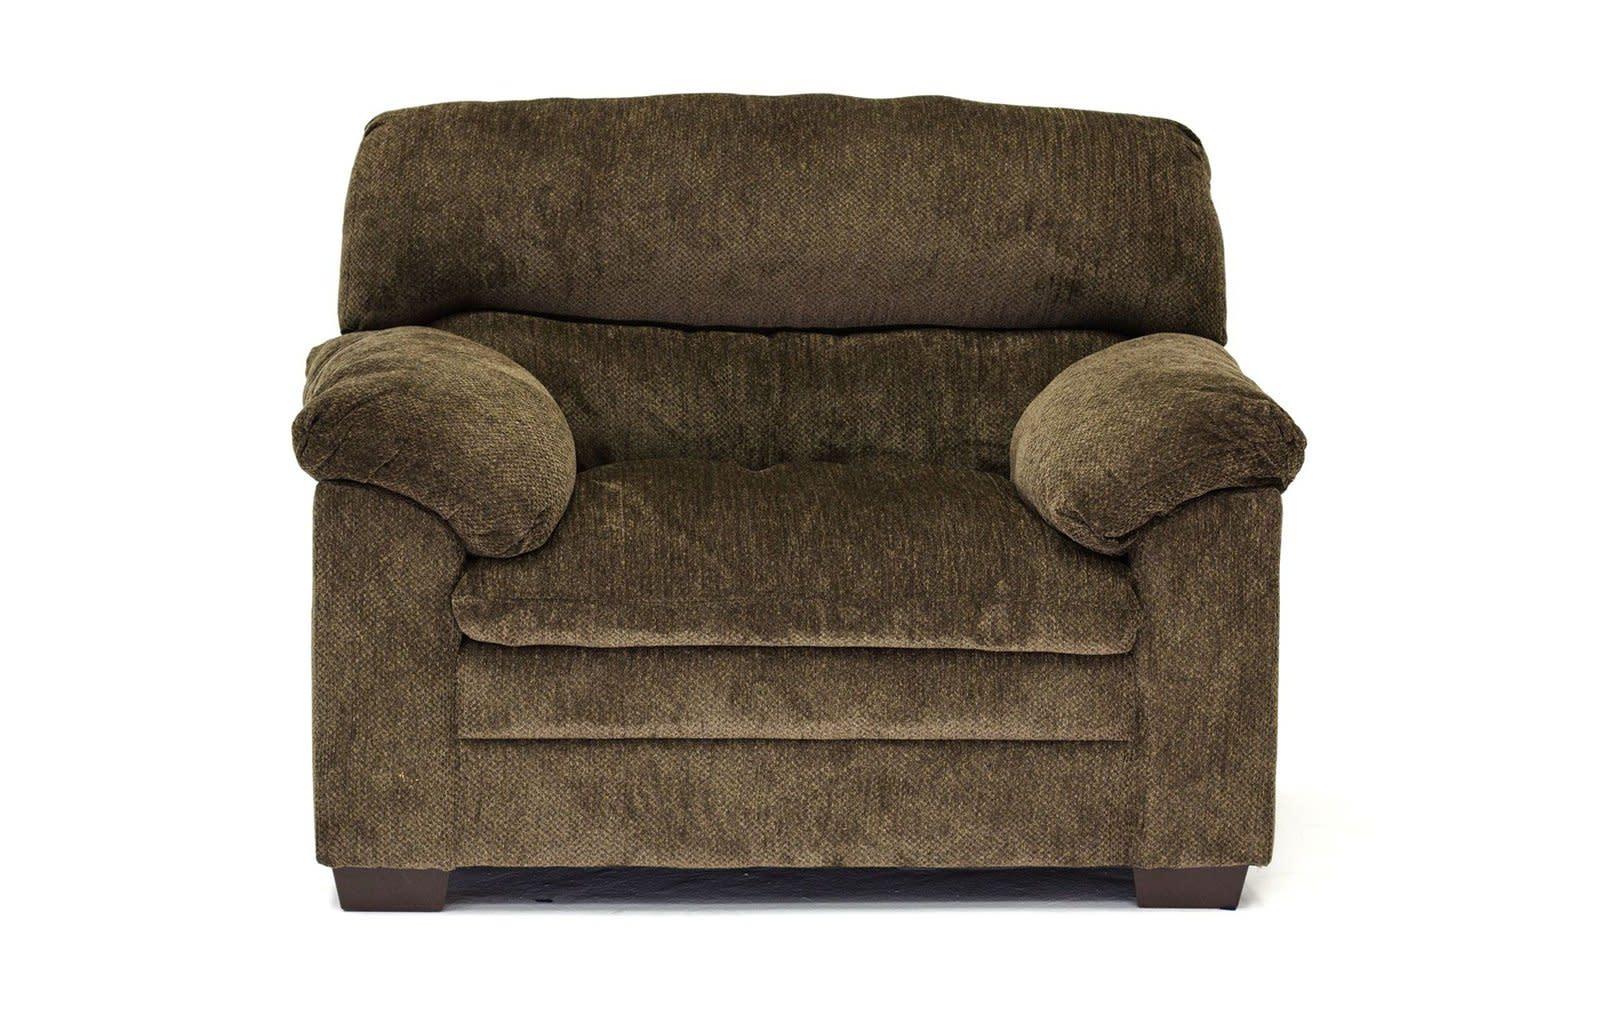 Harlow Chestnut Chair